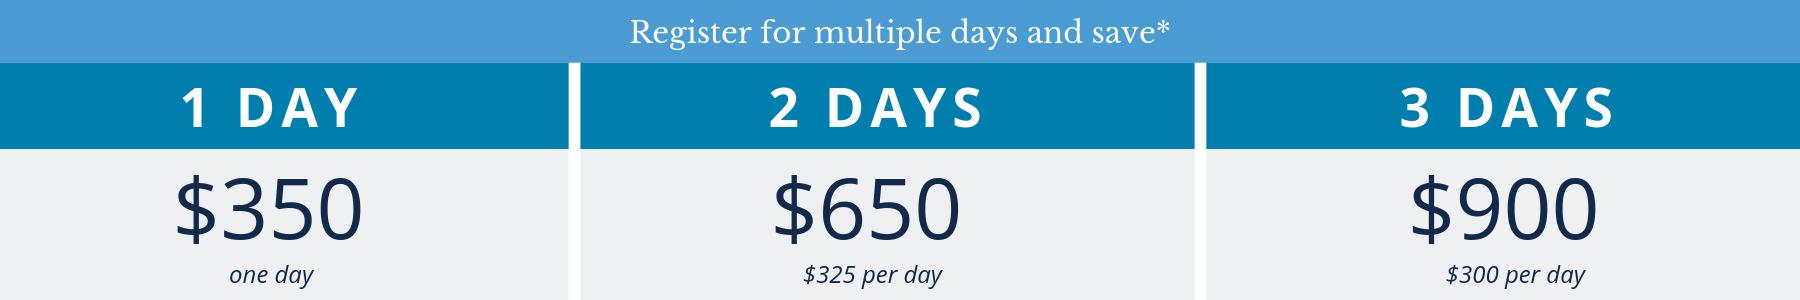 1 Day - $350; 2 Days - $650; 3 Days - $900